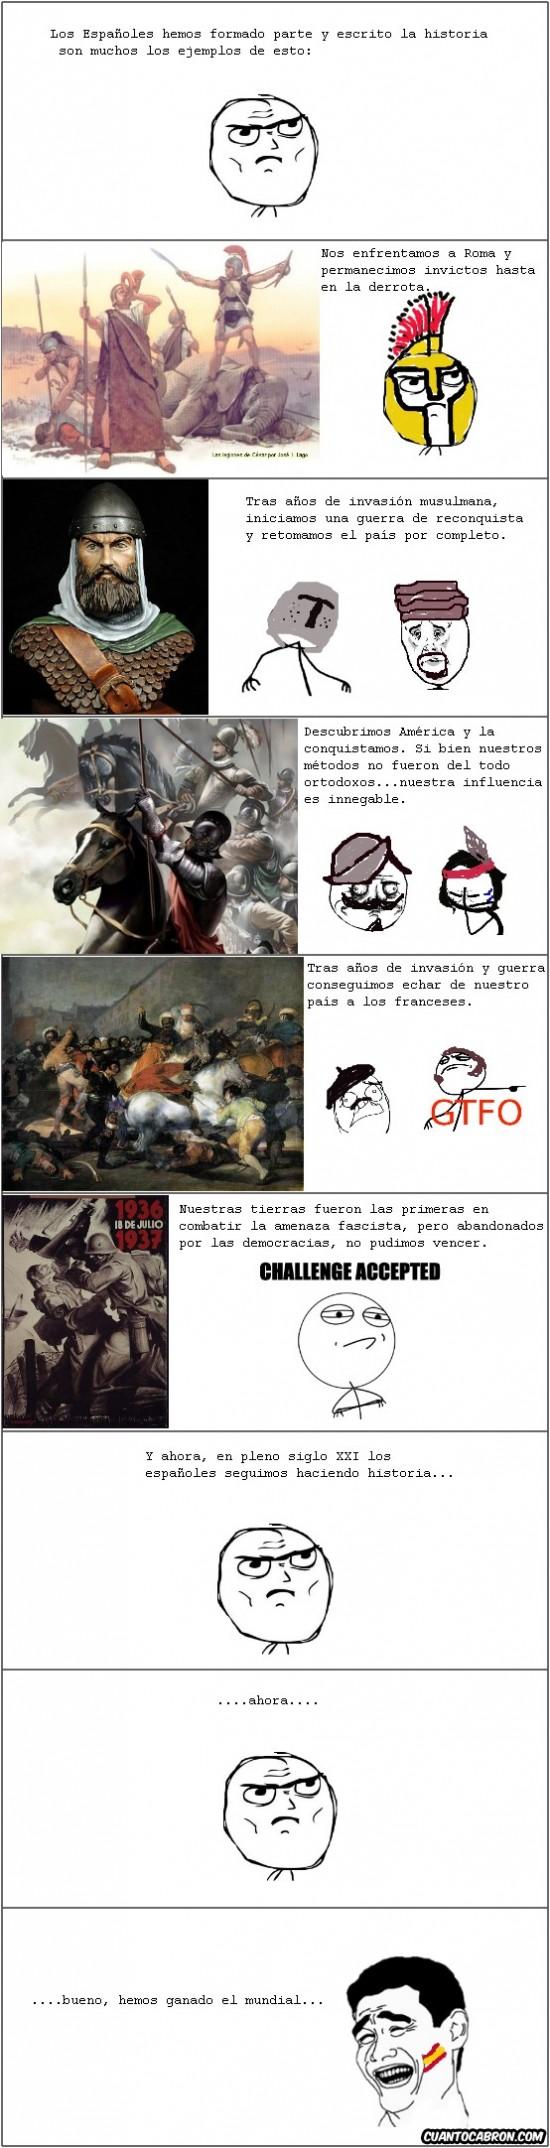 Mix - España en la historia